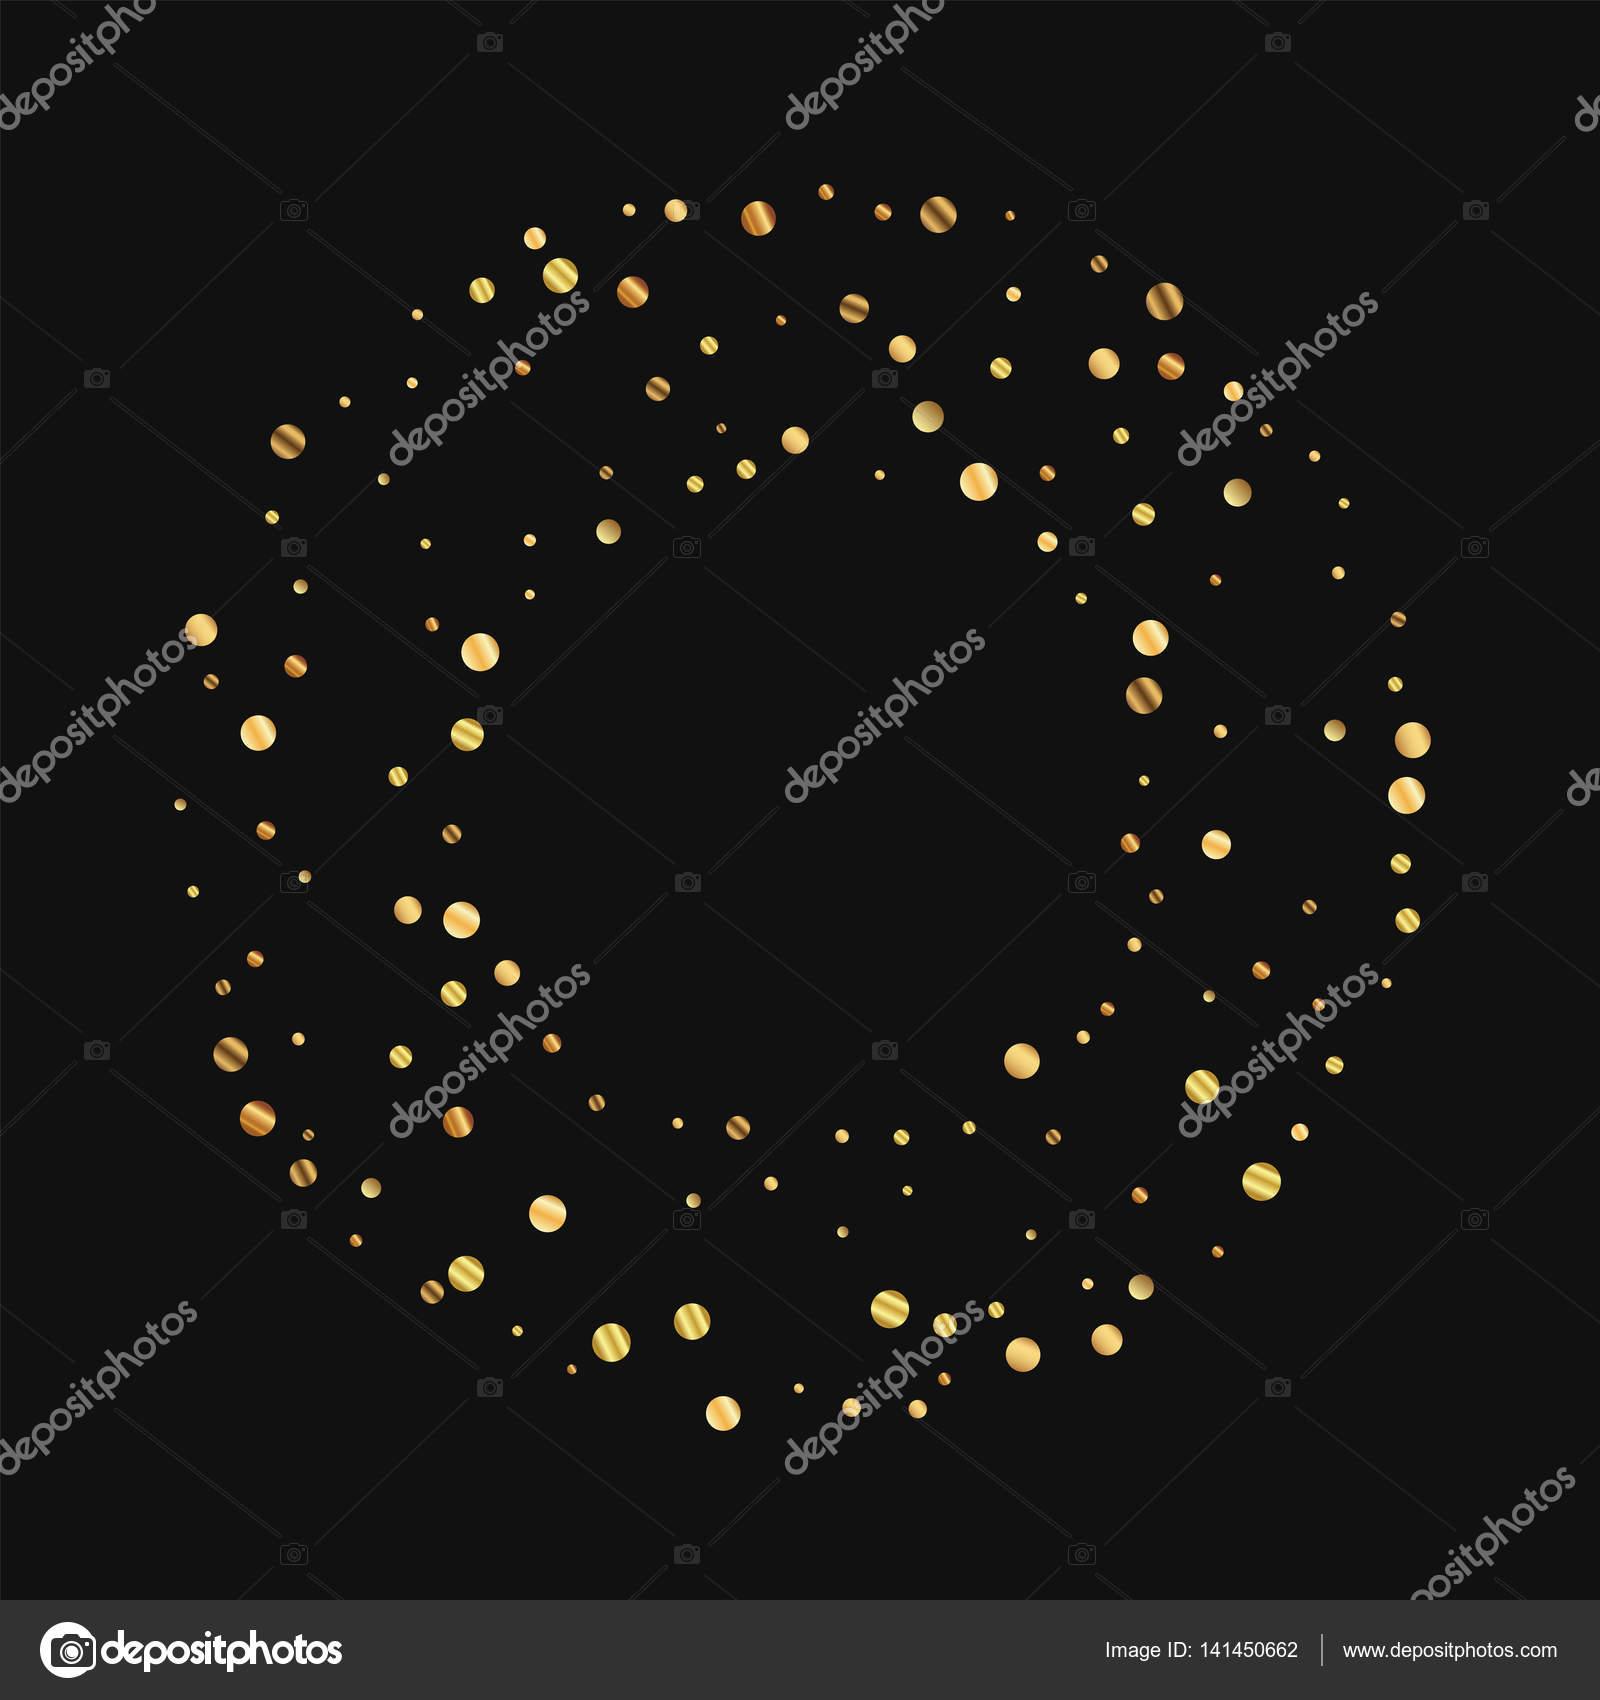 Spärlich gold Konfetti Runde Bagel Rahmen auf schwarzem Hintergrund ...